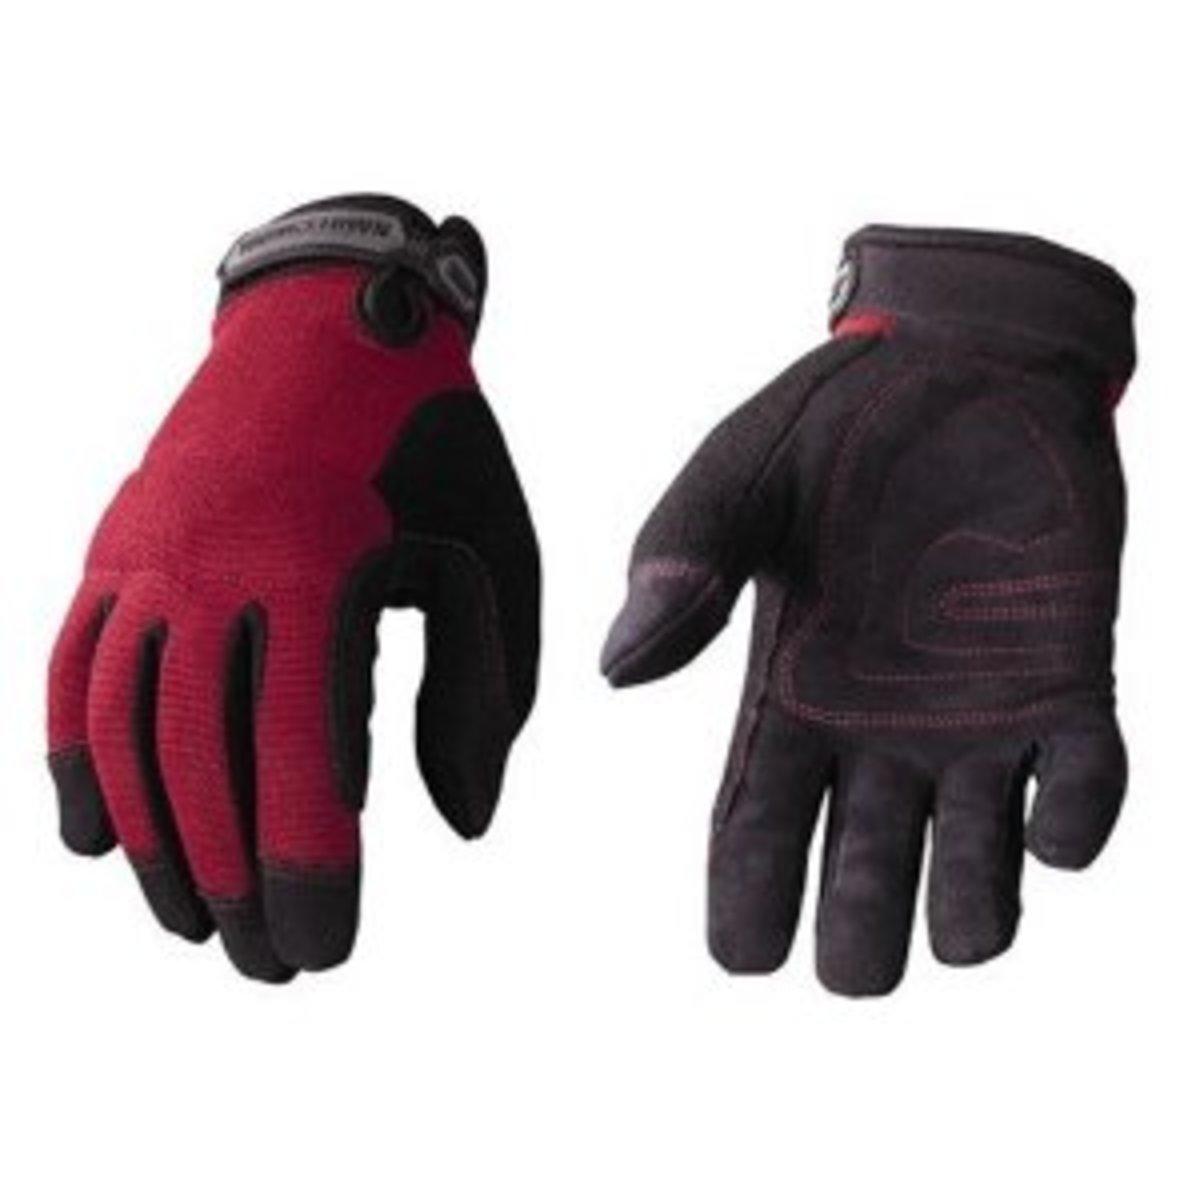 Youngstown Glove Co. 04-3800-30-M Women's Garden Glove Performance Glove Medium, Burgundy